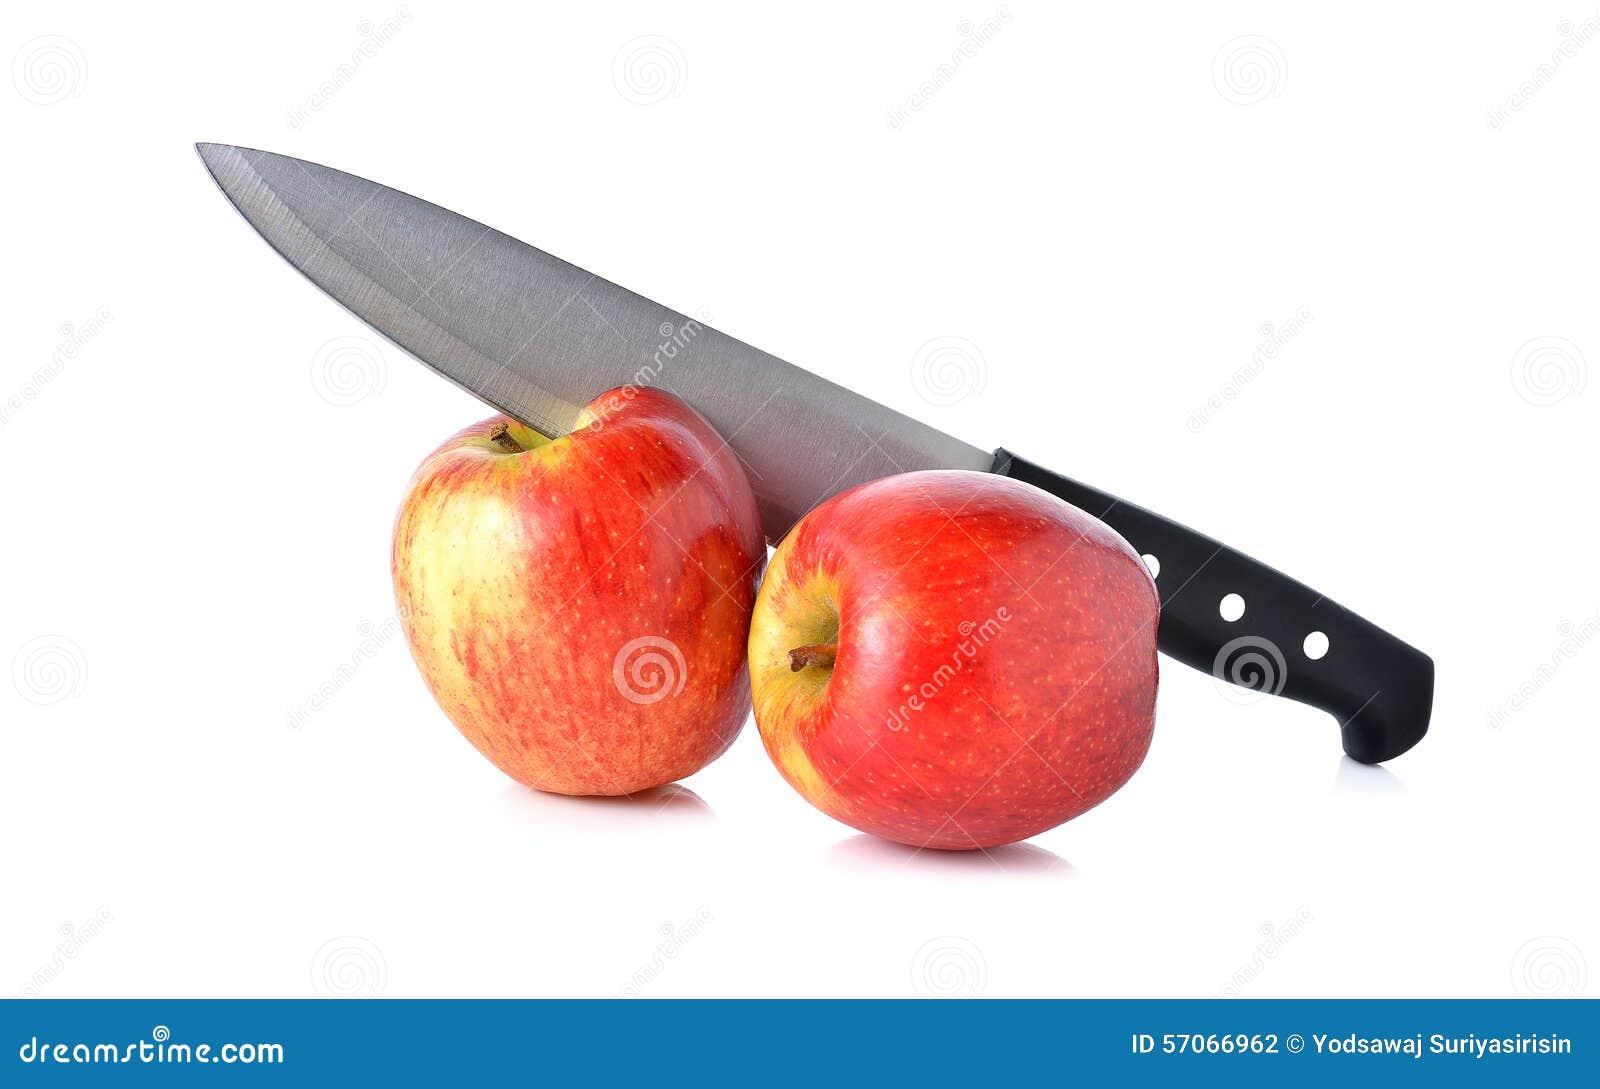 Messenkarbonade op appel op wit